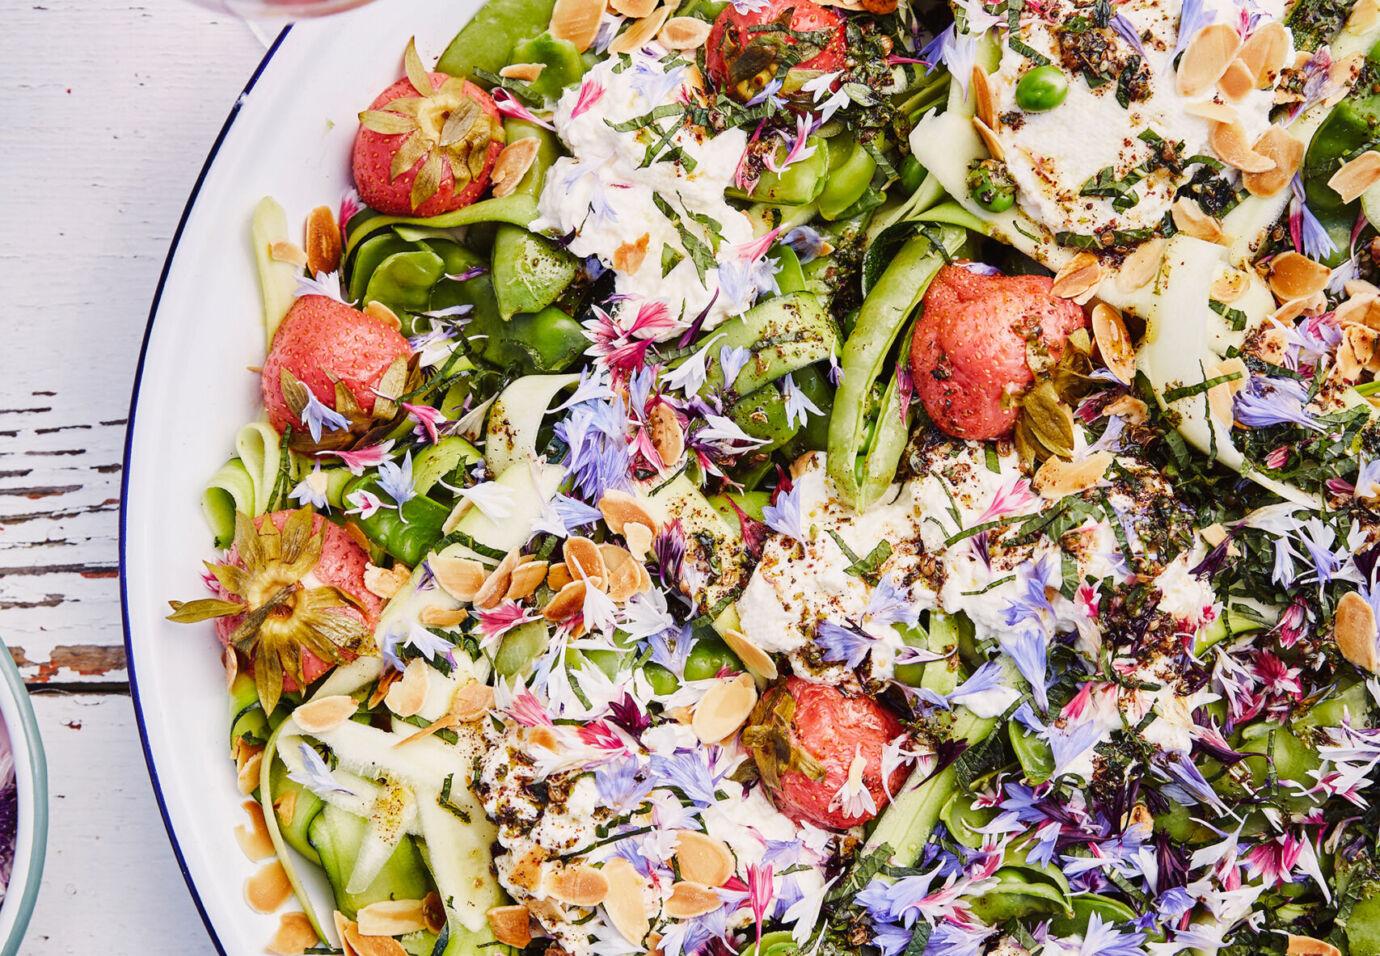 salade-van-suikererwt-courgette-zelfgemaakte-ricotta-gepekelde-aardbei-en-zaatar-gember-olie-door-sofie-dumont-scaled